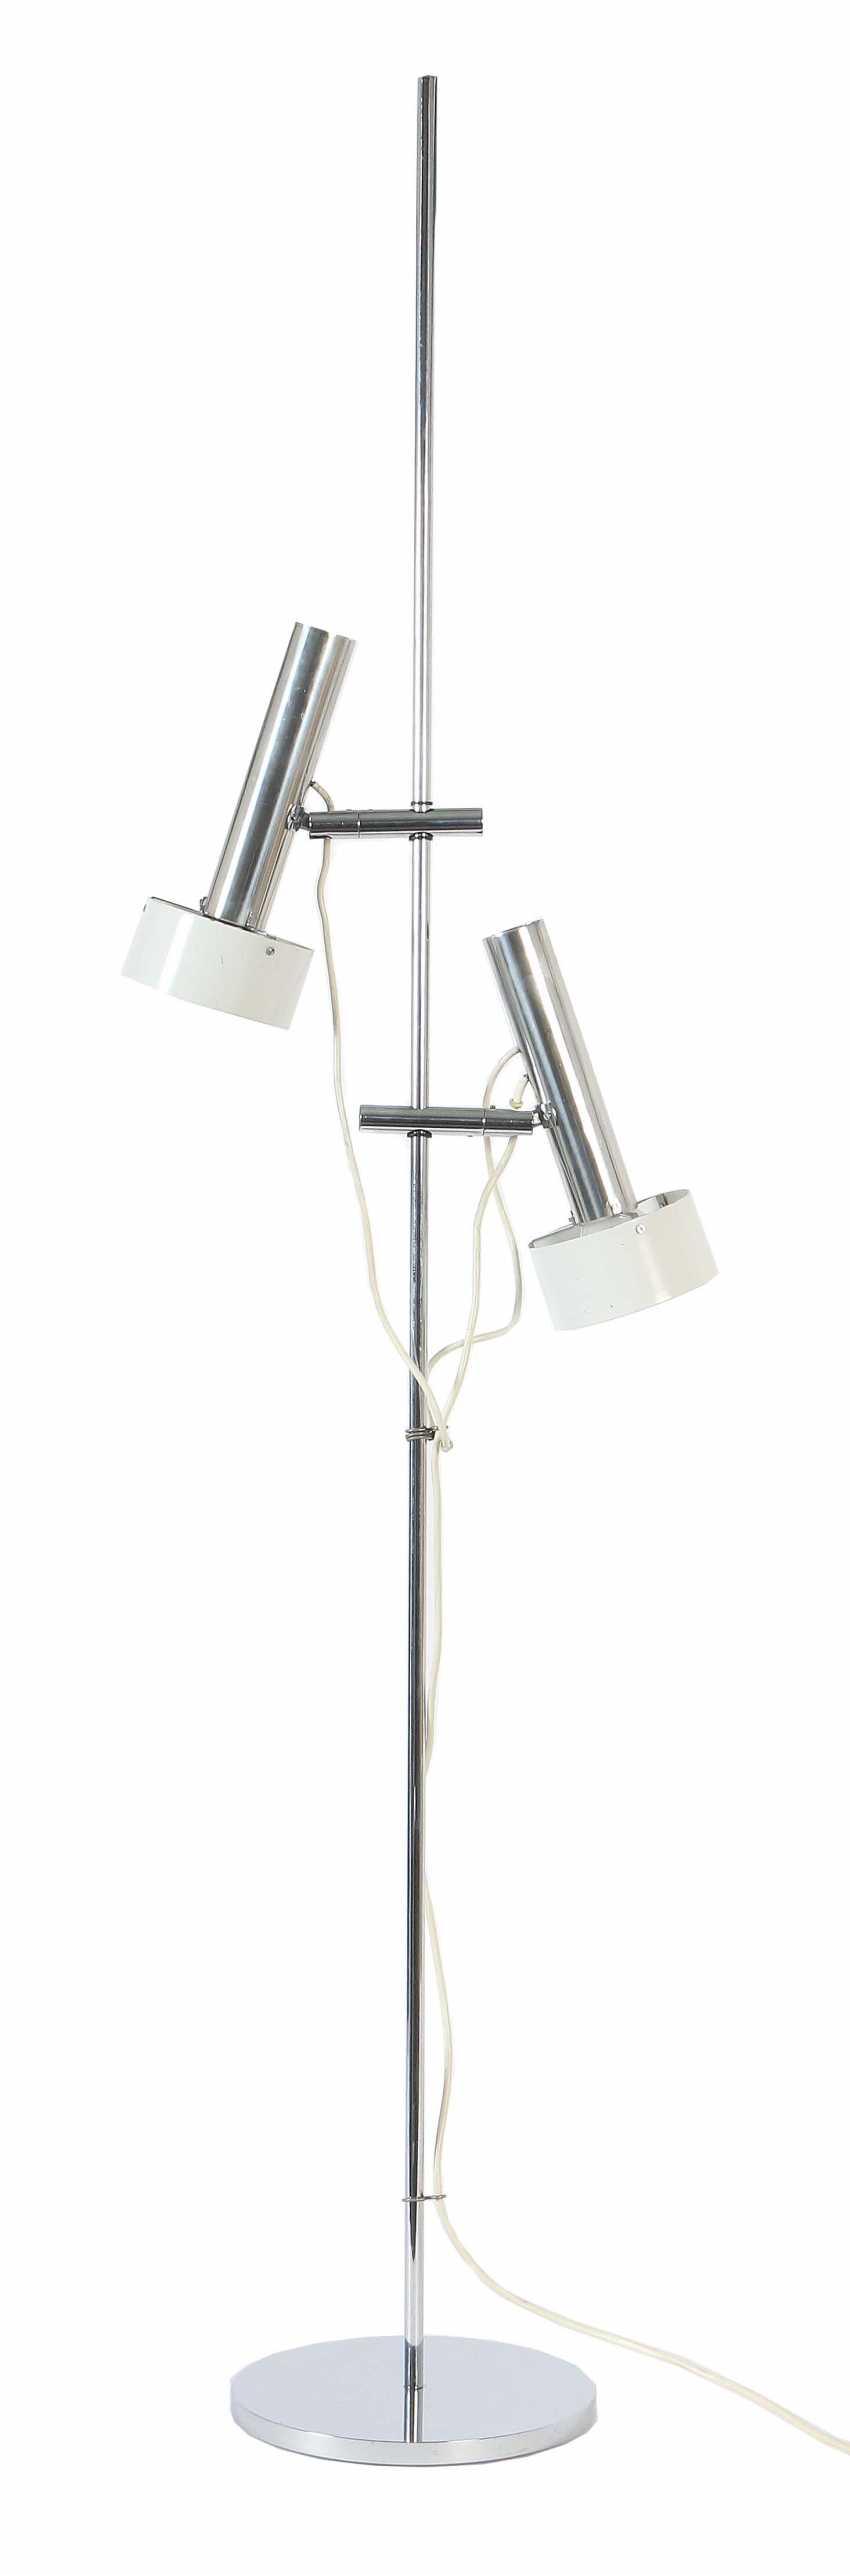 Floor Lamp Germany - photo 1